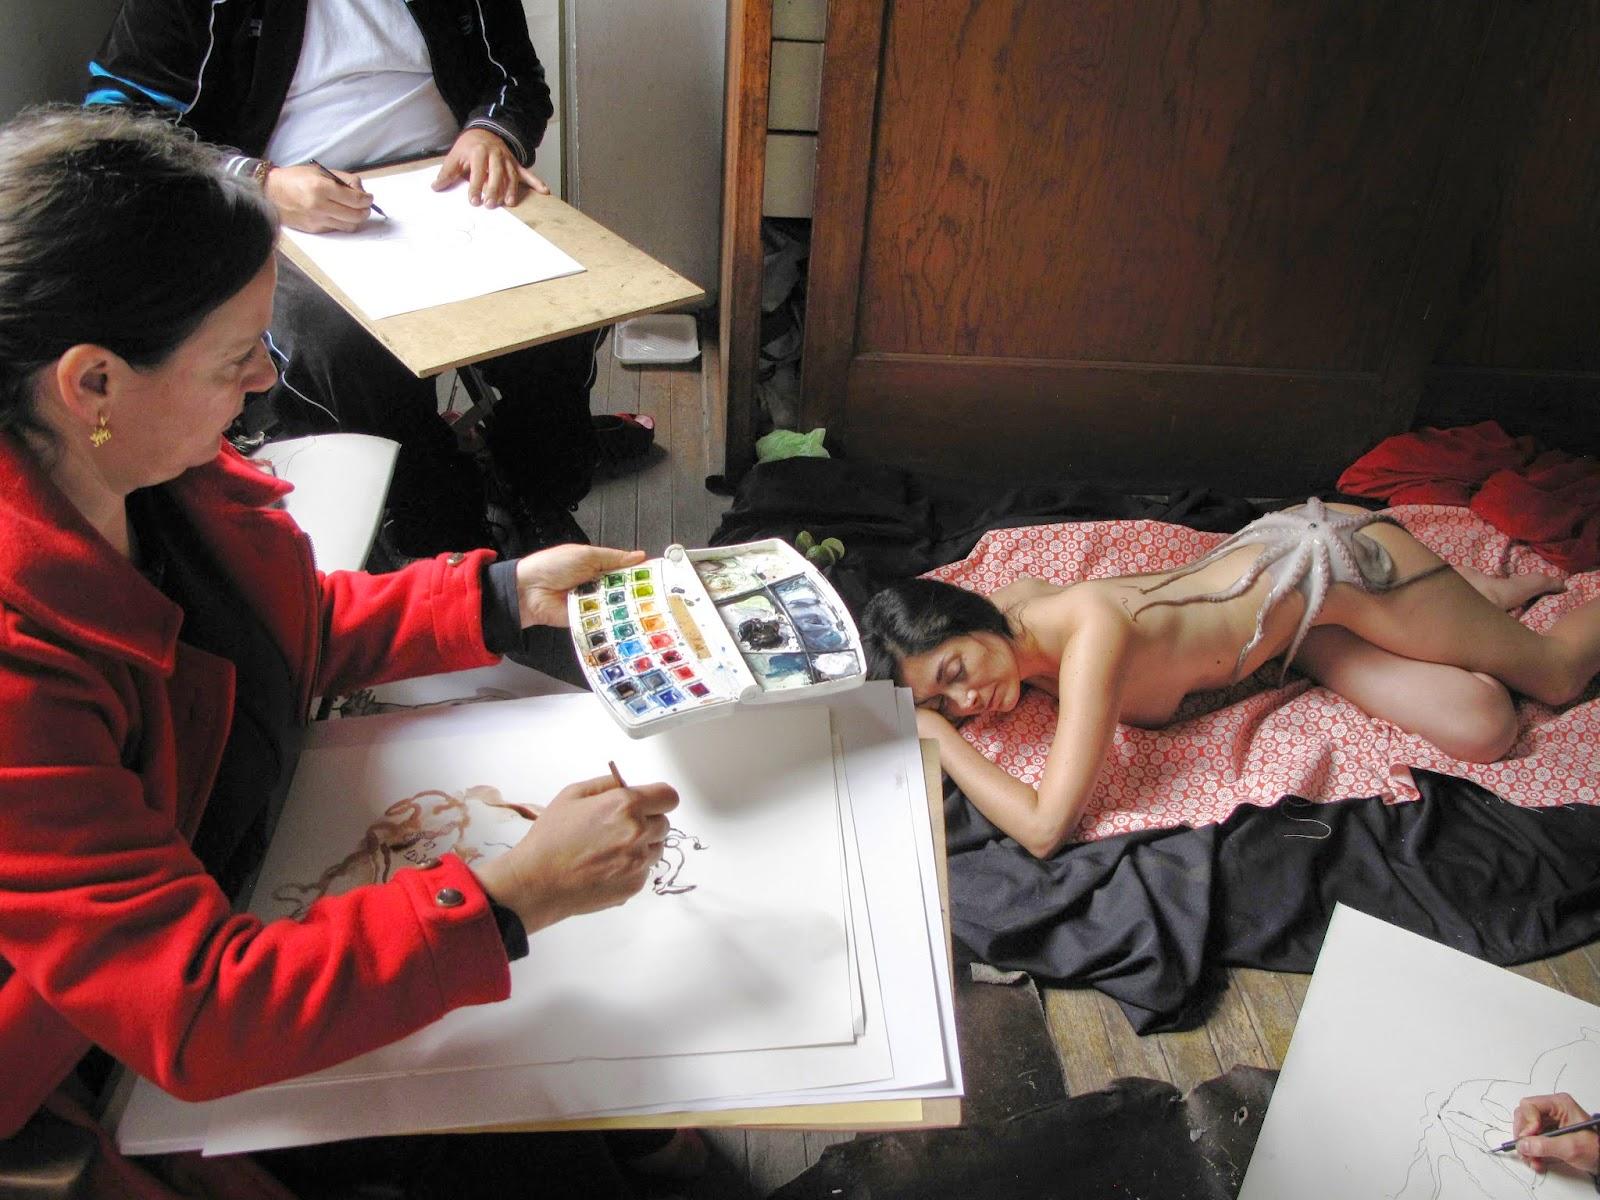 El dibujo como medio y obra en el Ex Teresa Arte Actual